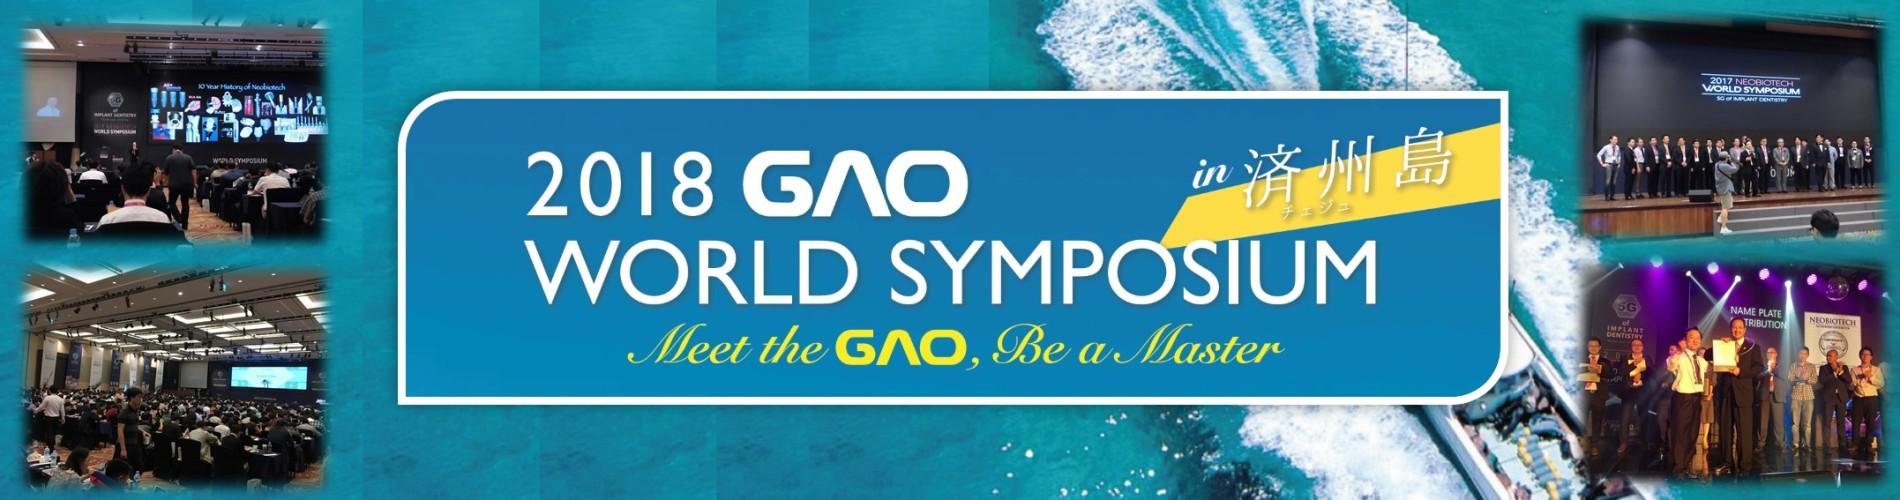 2018年4月9日 GAO 2018 GAO ワールドシンポジウム in 済州(チェジュ)島 参加者募集のご案内